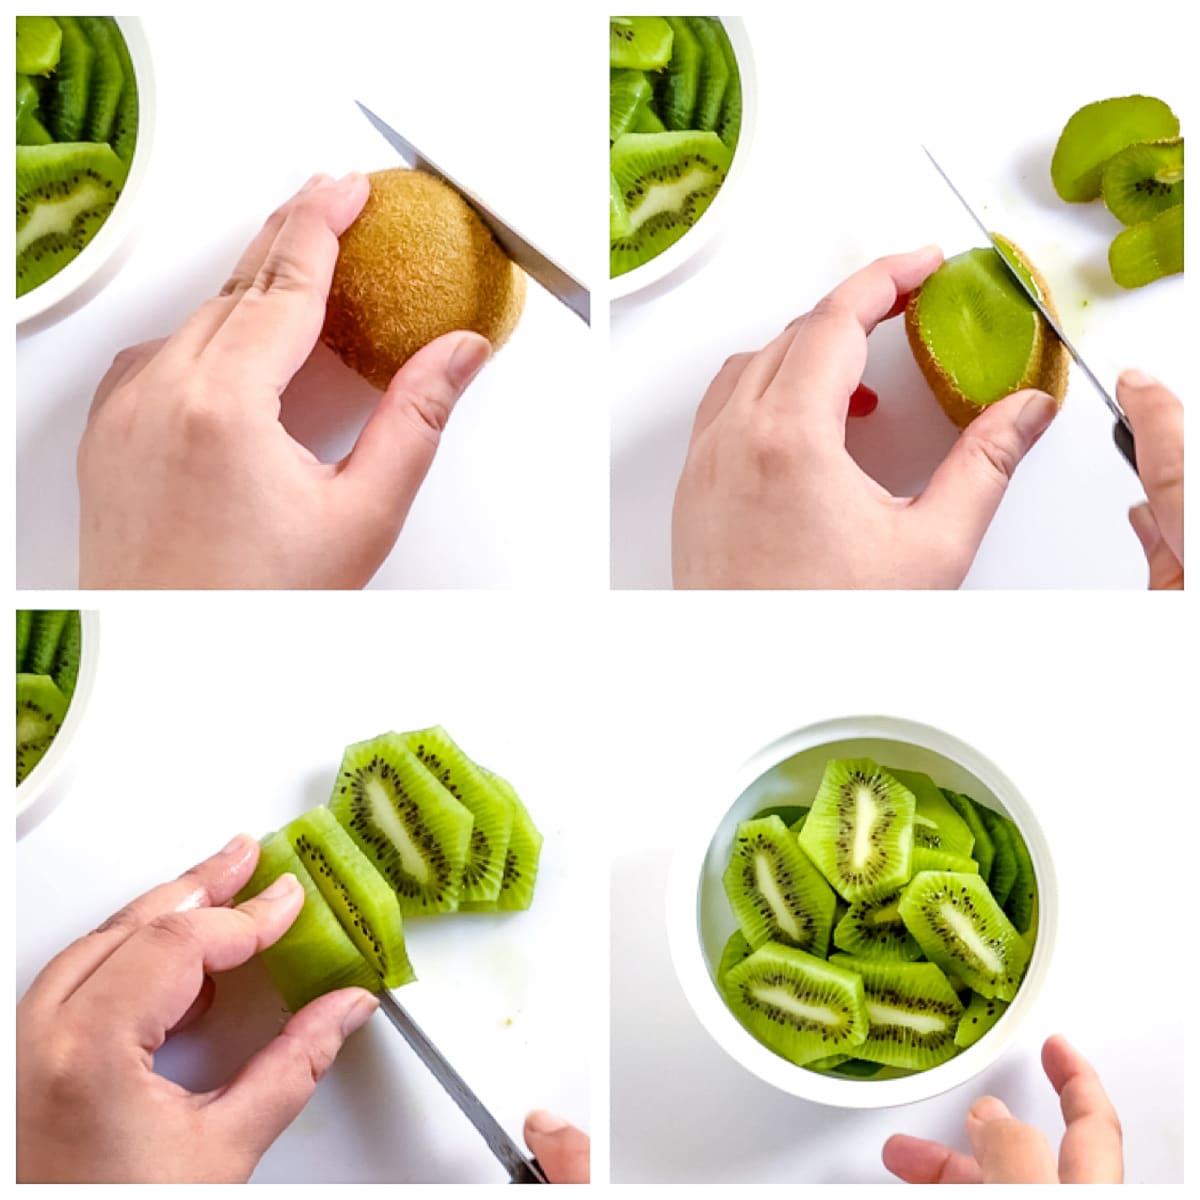 steps to peel and chop a kiwi.